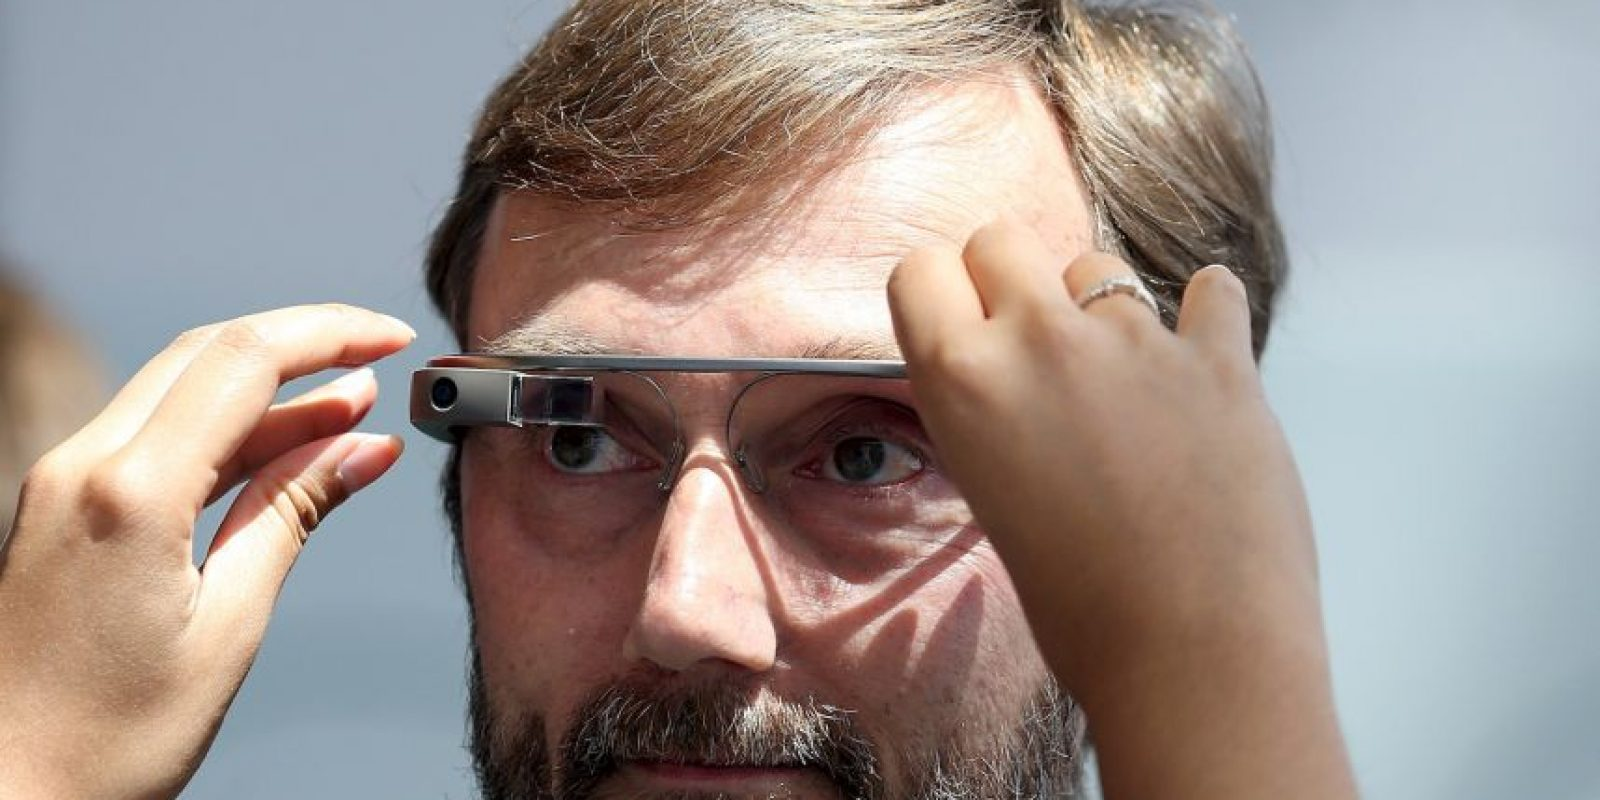 Los lentes inteligentes que pretenden cambiar la forma en la que interactuamos con la tecnología. Foto:Getty Images